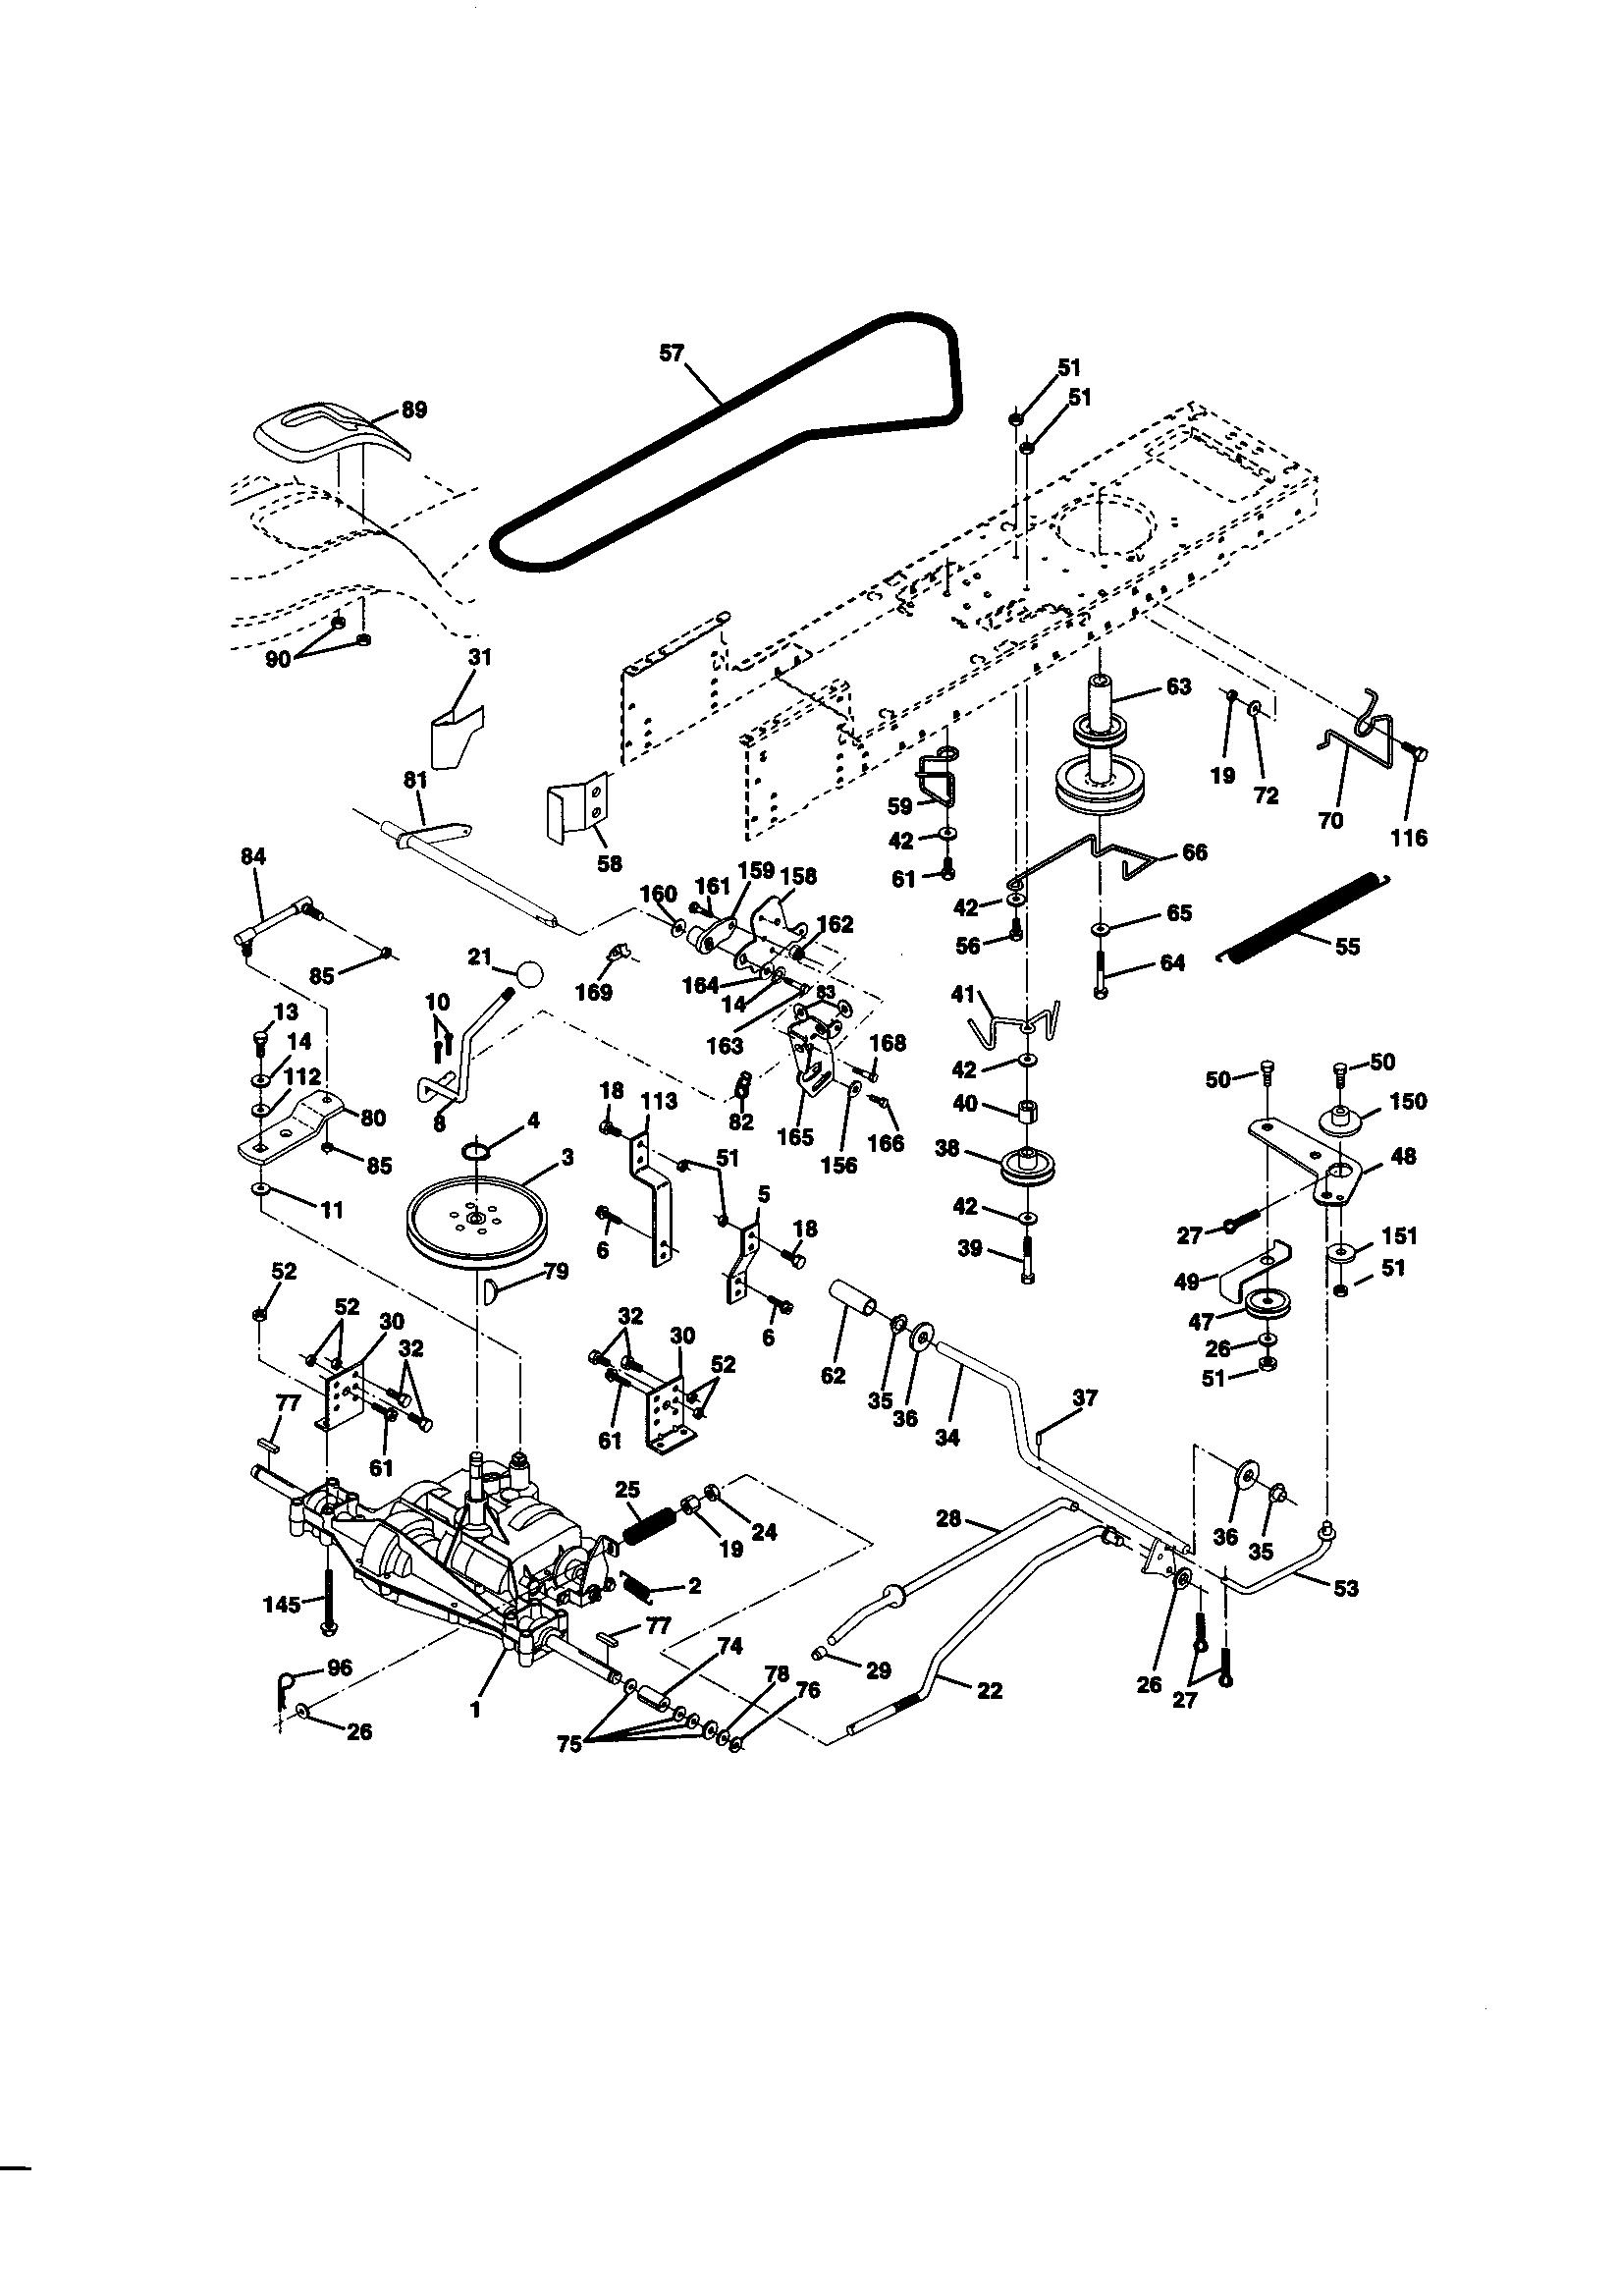 Craftsman 19 5 Hp Electric Start 42